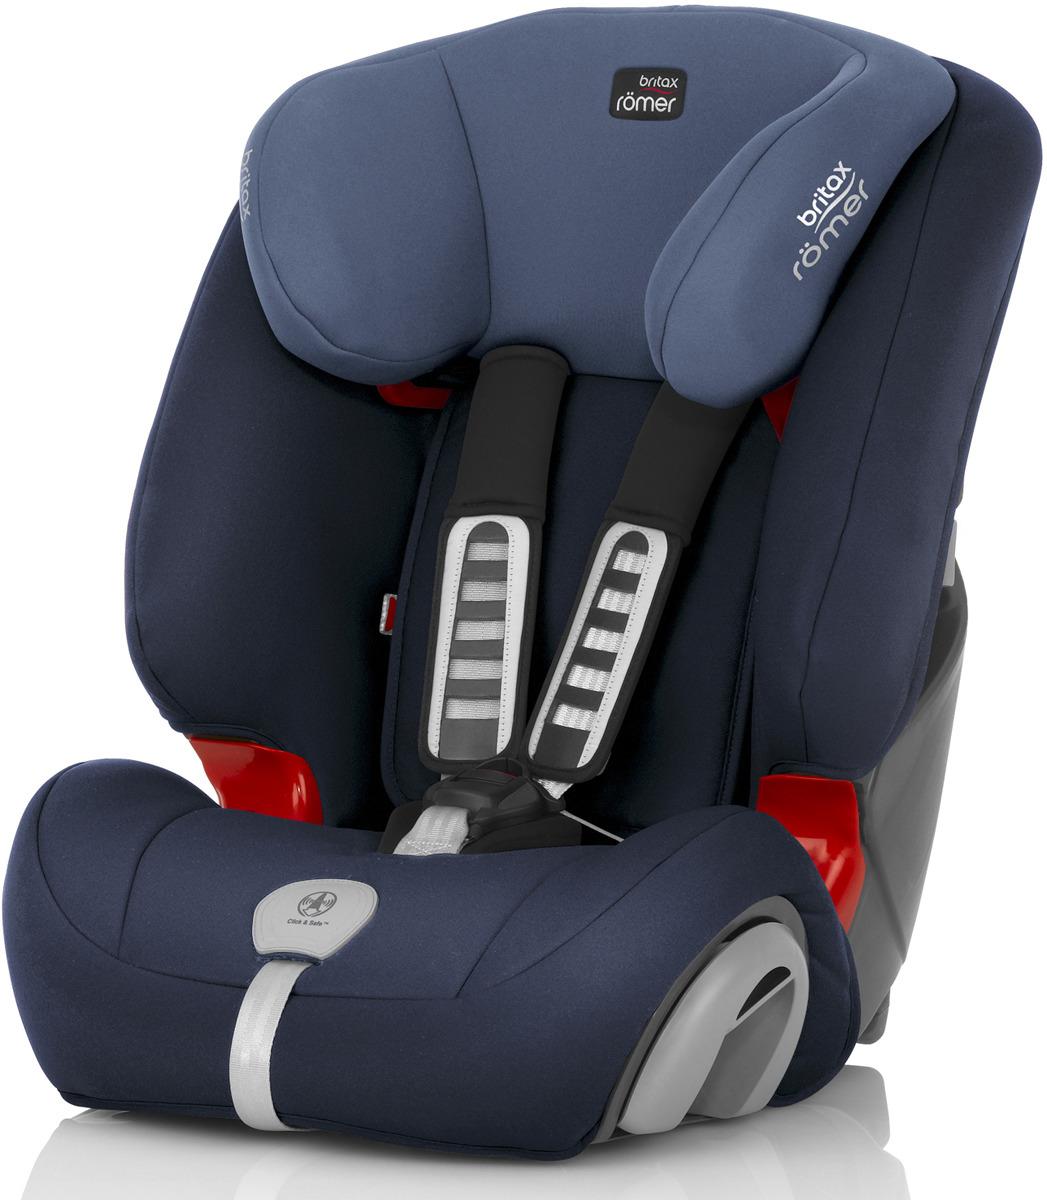 Автокресло детское Britax Roemer Evolva 123 Plus Moonlight Blue Trendline от 9 до 36 кг, 2000027860, синий2000027860Evolva 1-2-3 plus - это новое эргономичное кресло, подстраиваемое под потребности ребенка по мере его роста (его можно использовать для пассажиров от 9 месяцев и для подросшего 12 летнего ребенка) Детское автокресло Evolva 1-2-3 plus оснащено механизмом крепления ремня Click & Safe™ со звуковой сигнализацией, помогающим при размещении ребенка в кресле и обеспечивающим правильное натяжение ремня.Боковины кресла регулируются по ширине; регулируемая по высоте спинка-подголовник;система Comfi-Flex, состоящая из нескольких слоев мягкой воздухопроницаемой ткани, набивки и поропласта, создаёт условия повышенной комфортности при использовании кресла;система Comfi-Cool, состоящая из мягкой прочной сеточной воздухопроницаемой ткани, исключающей любое присутствие влаги.